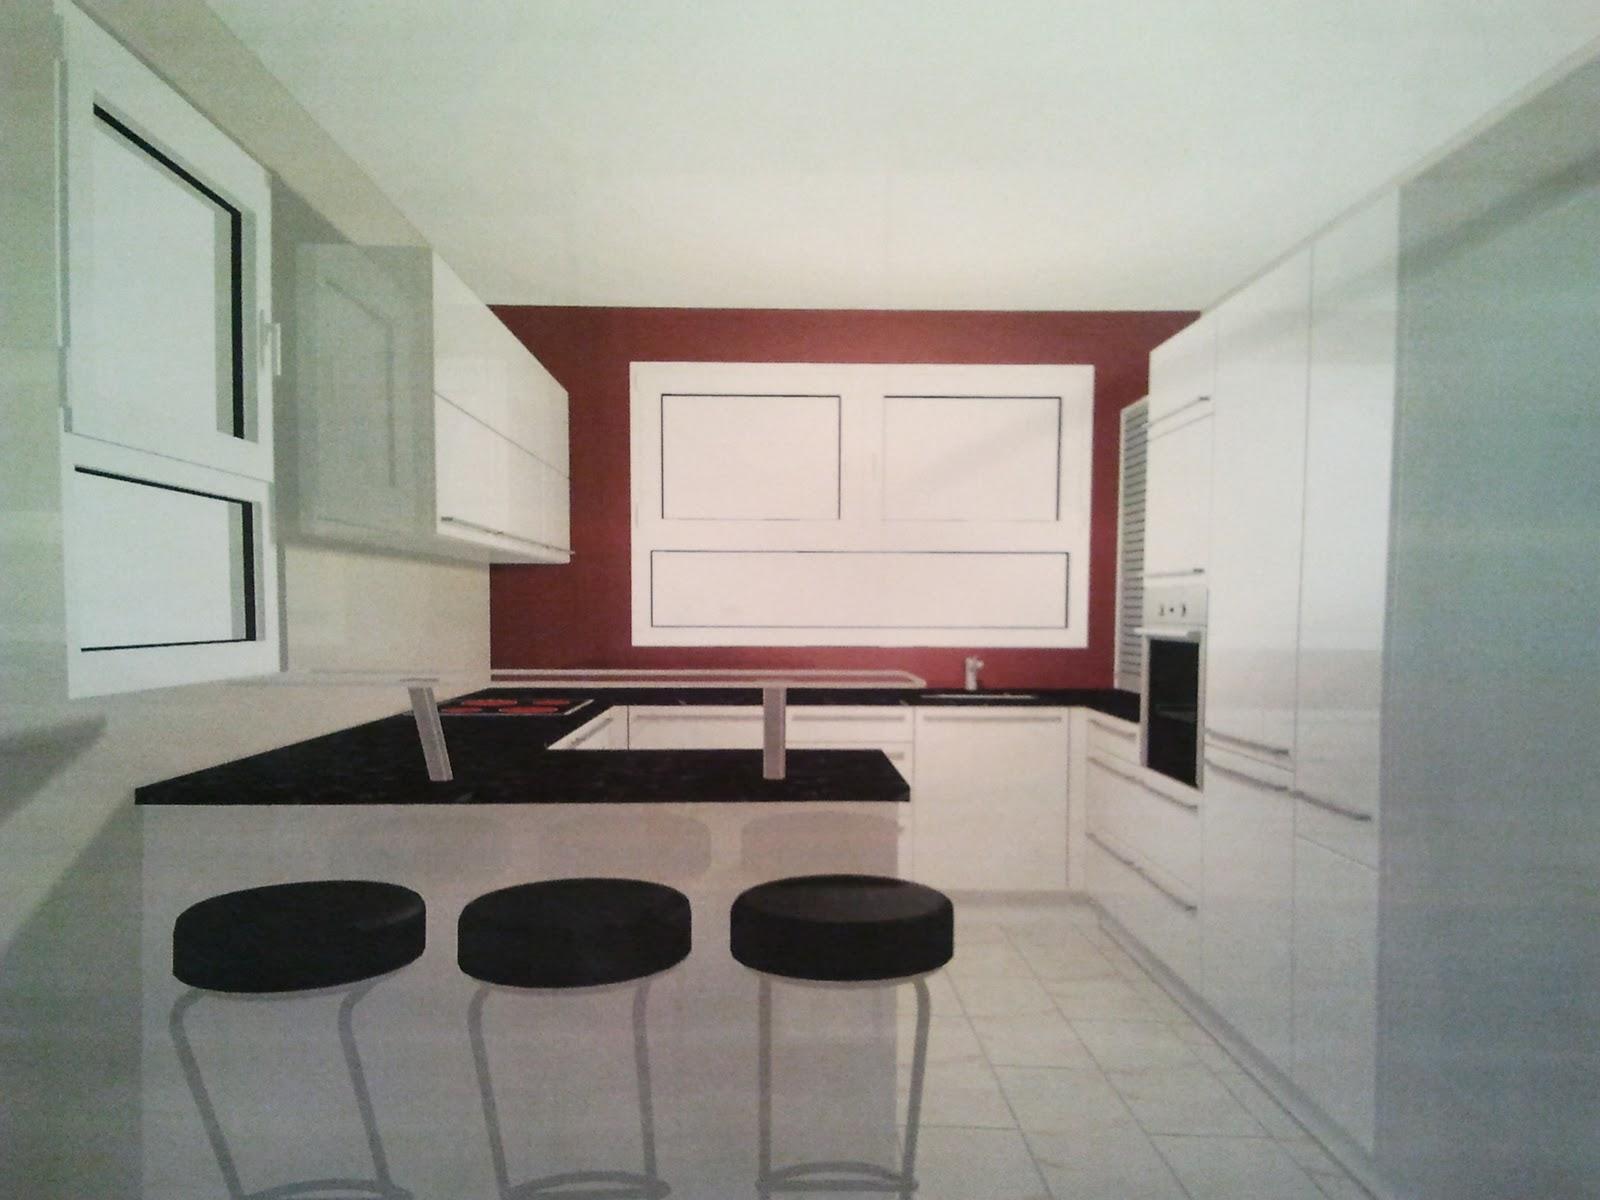 Building A Dream - Der Weg Zu Unserem Haus: 2011